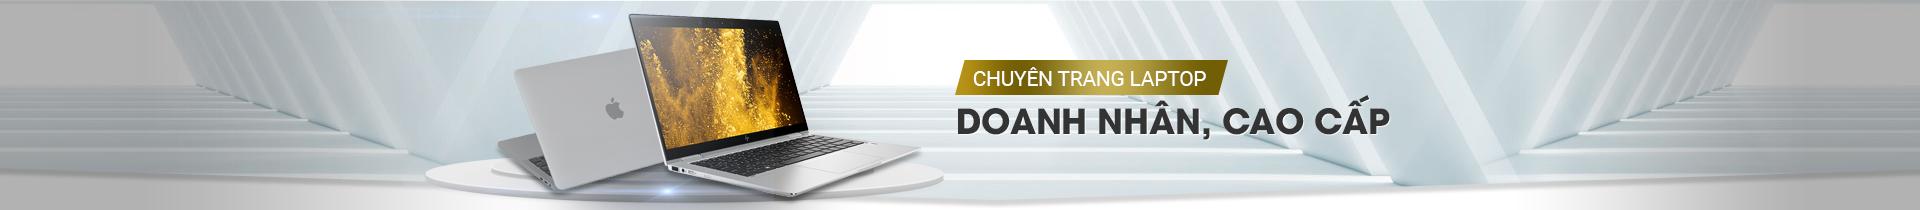 Top - Desk - Laptop doanh nhân